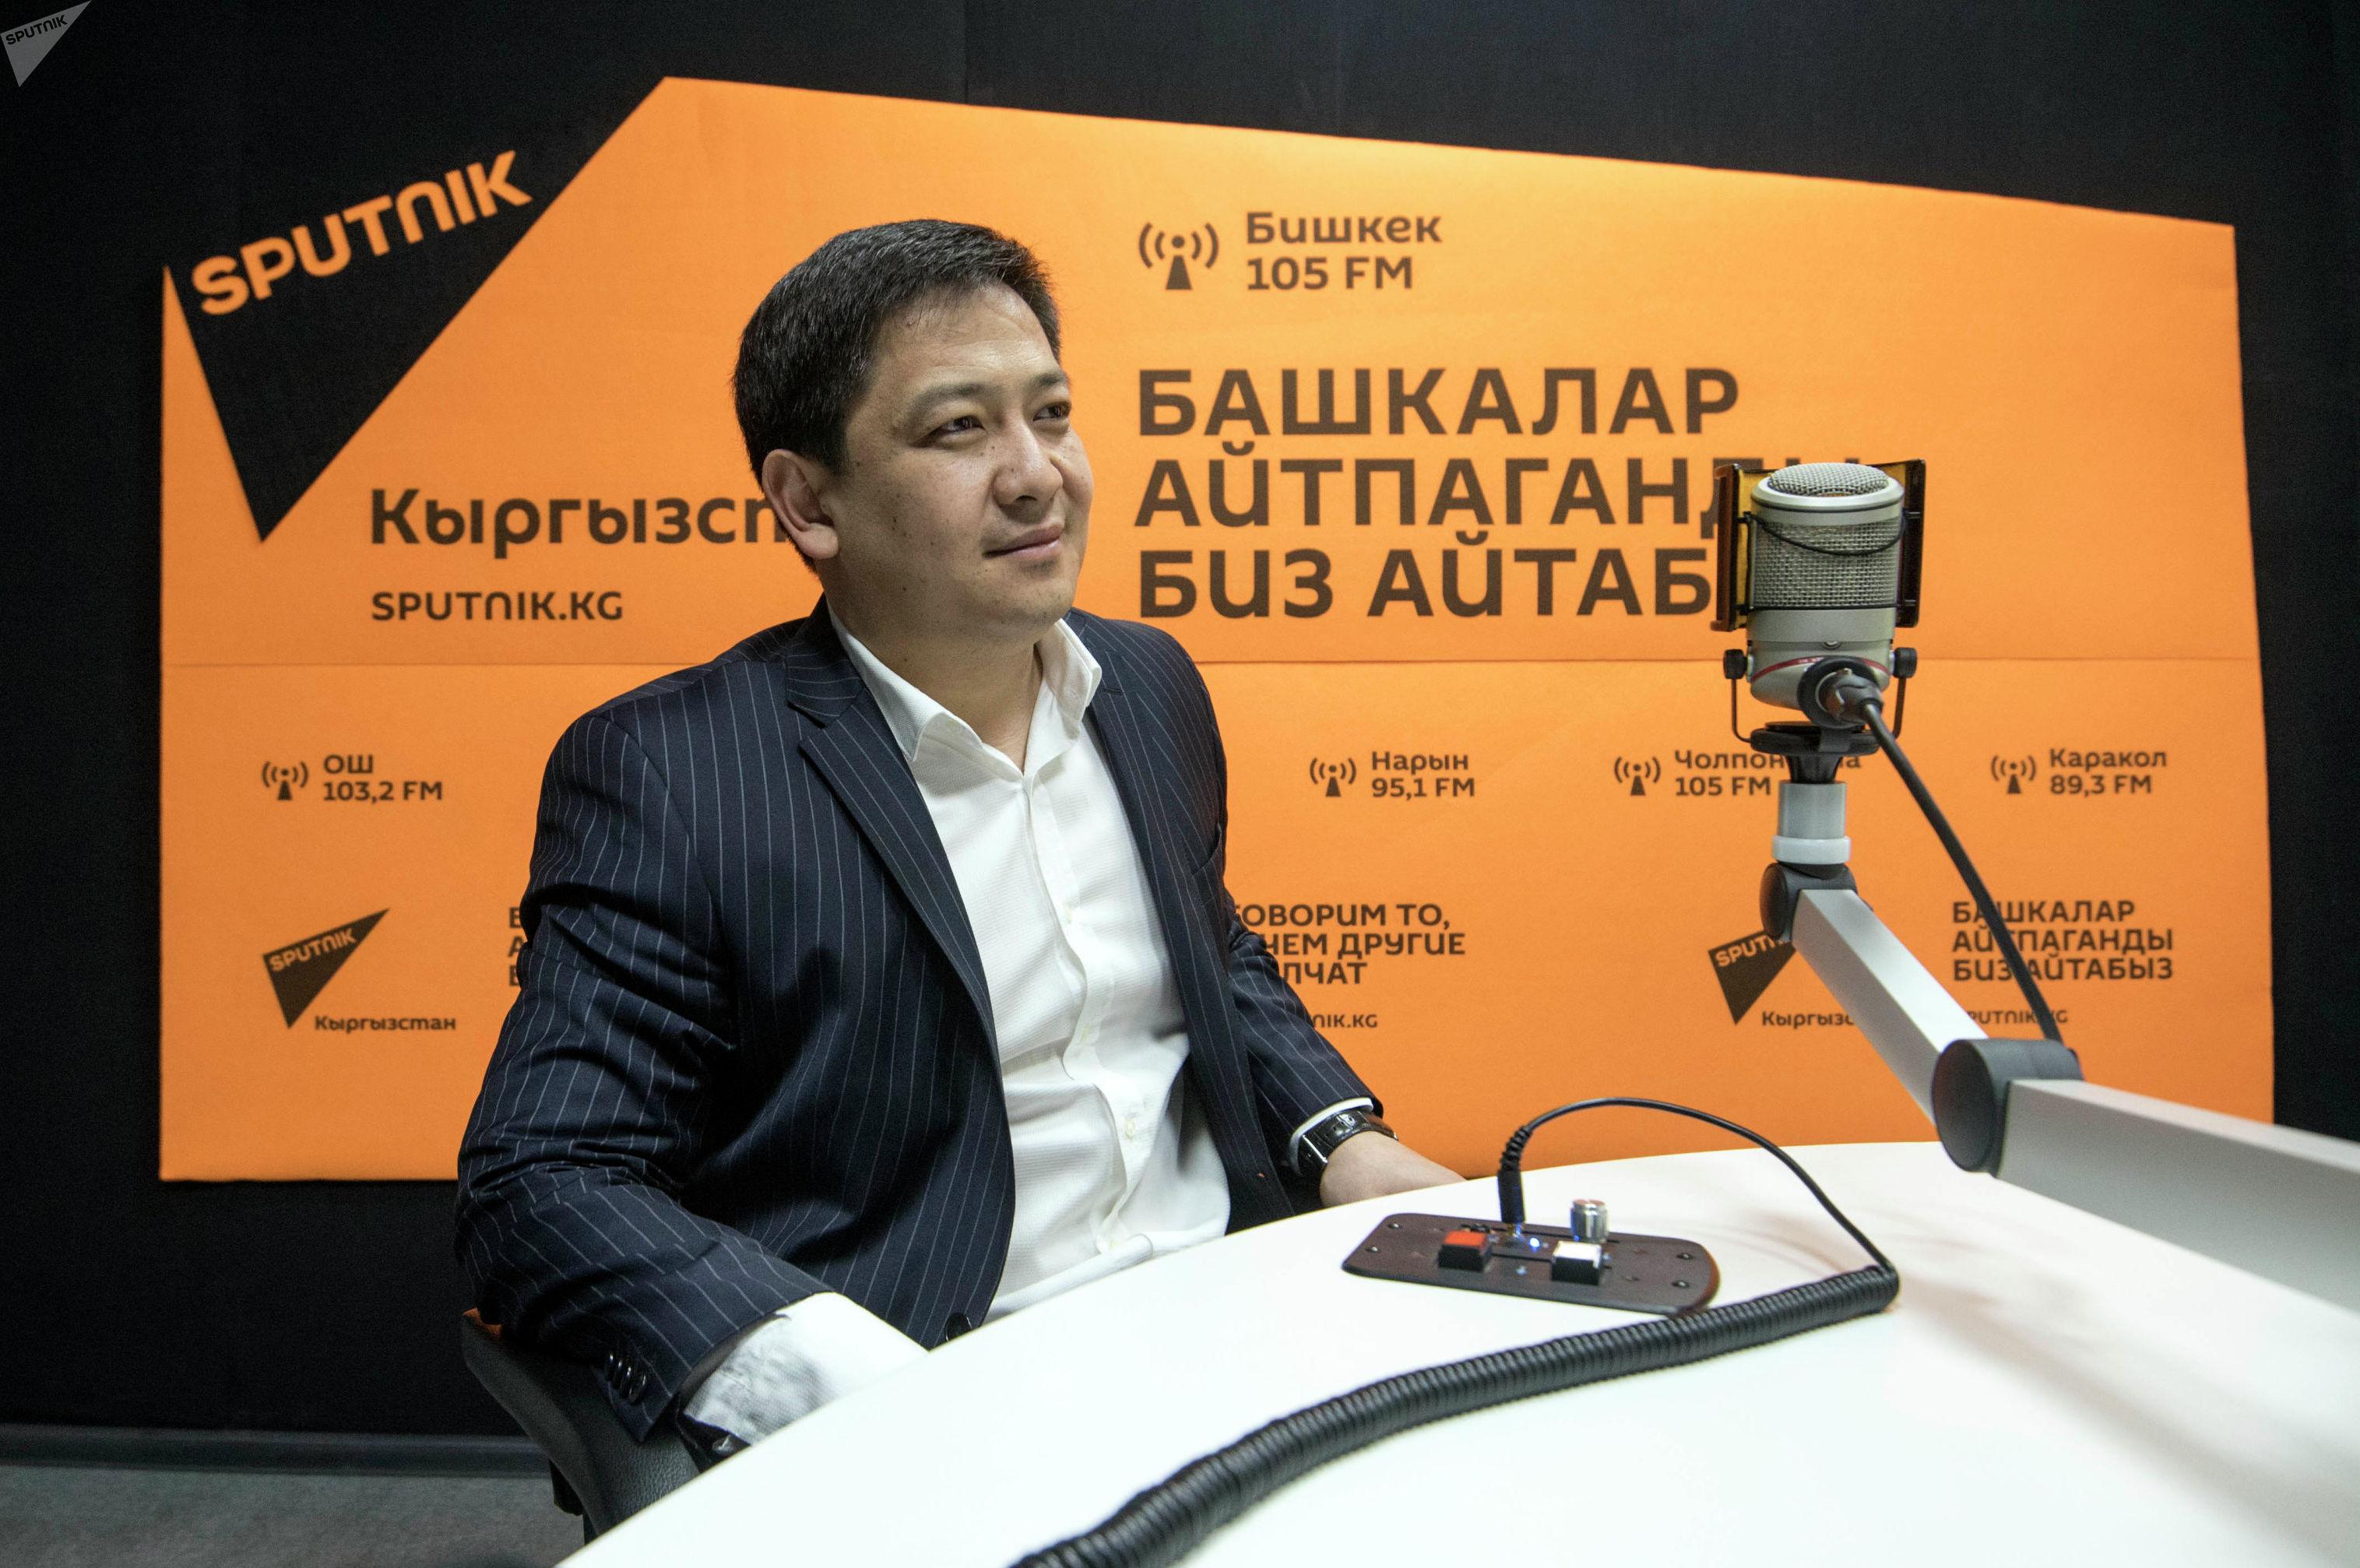 Президент Всемирной федерации Кулатуу эртаймаш ММА Руслан Кыдырмышев во время беседы на радио Sputnik